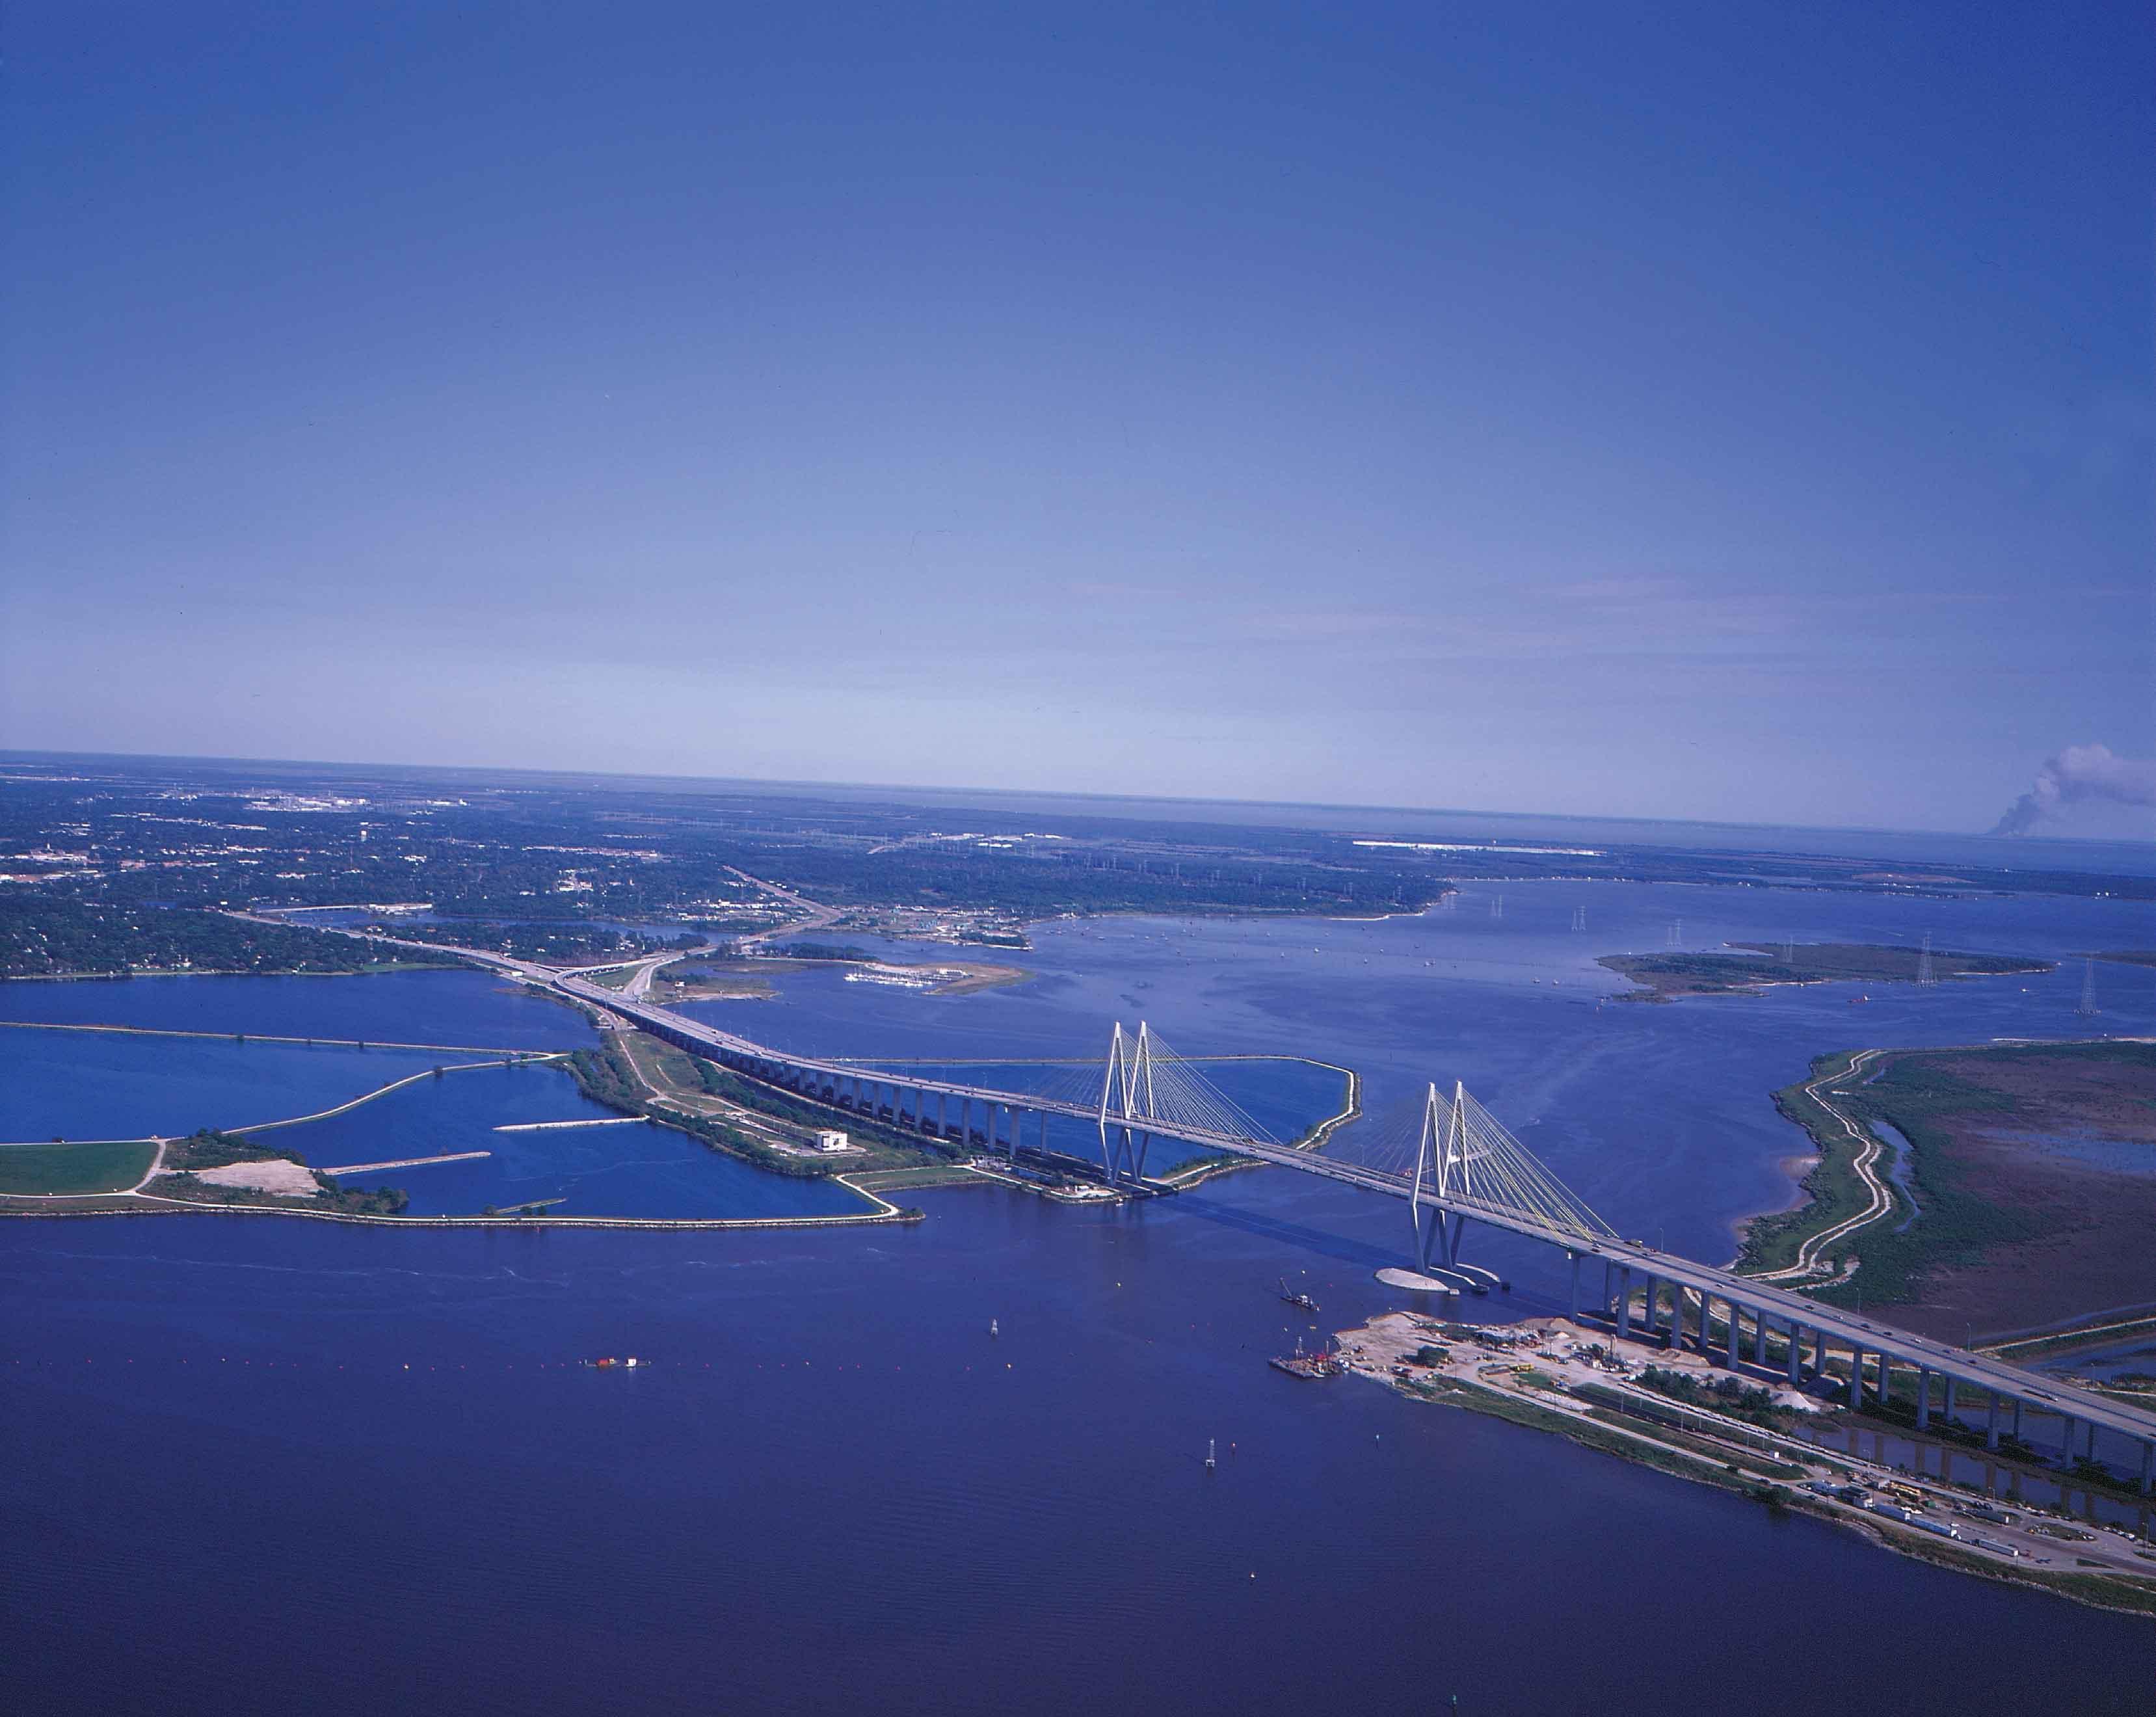 Port-of-Houston